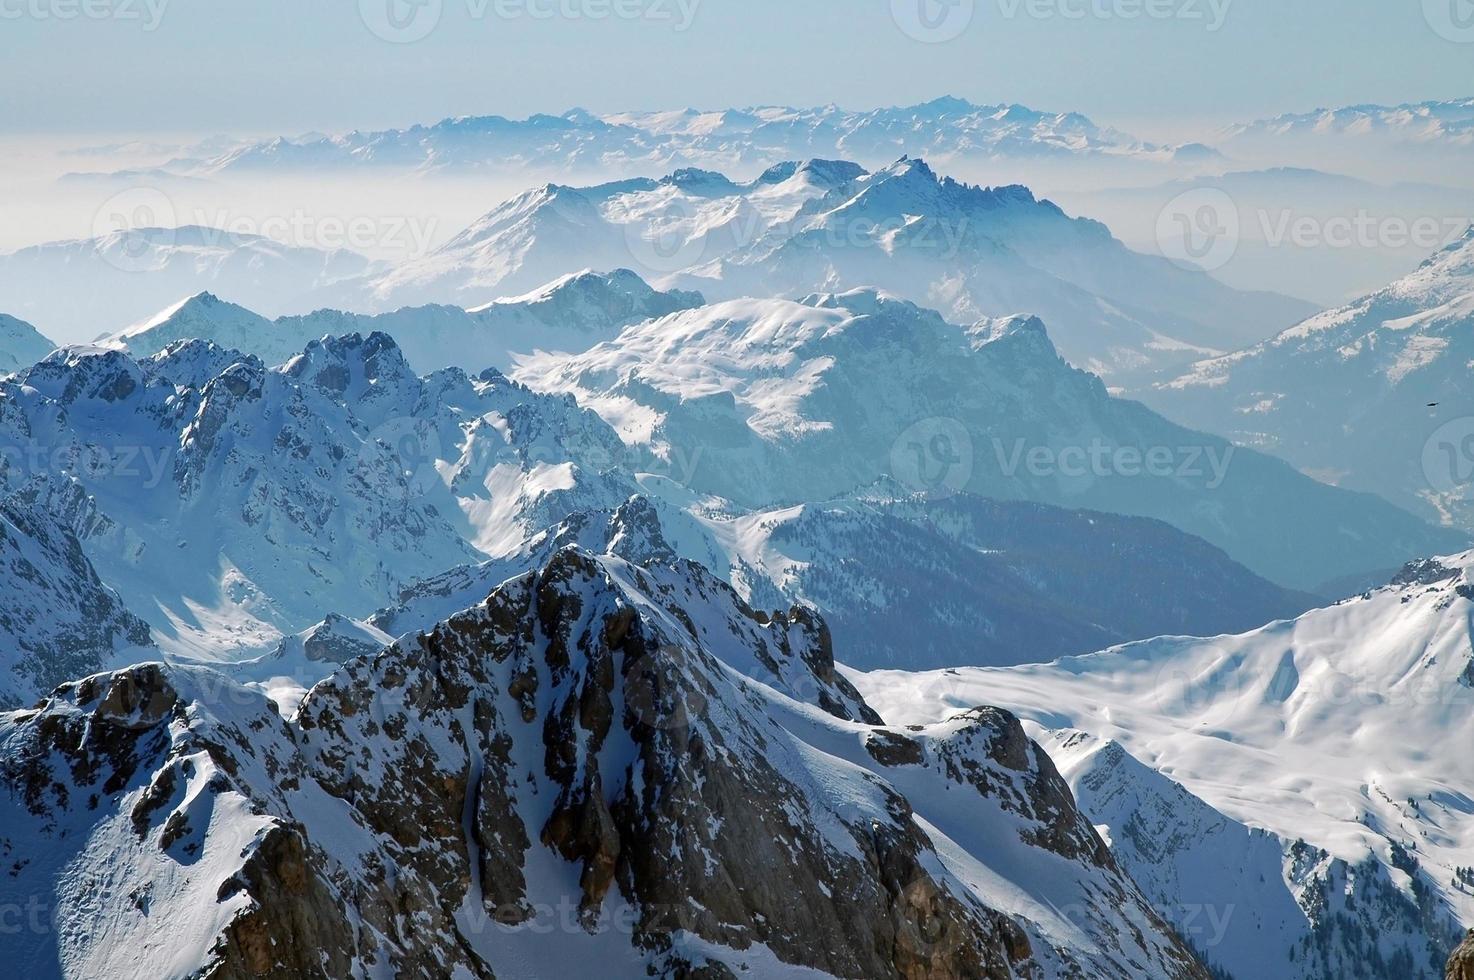 montagnes couvertes de neige dans les dolomites italiennes photo